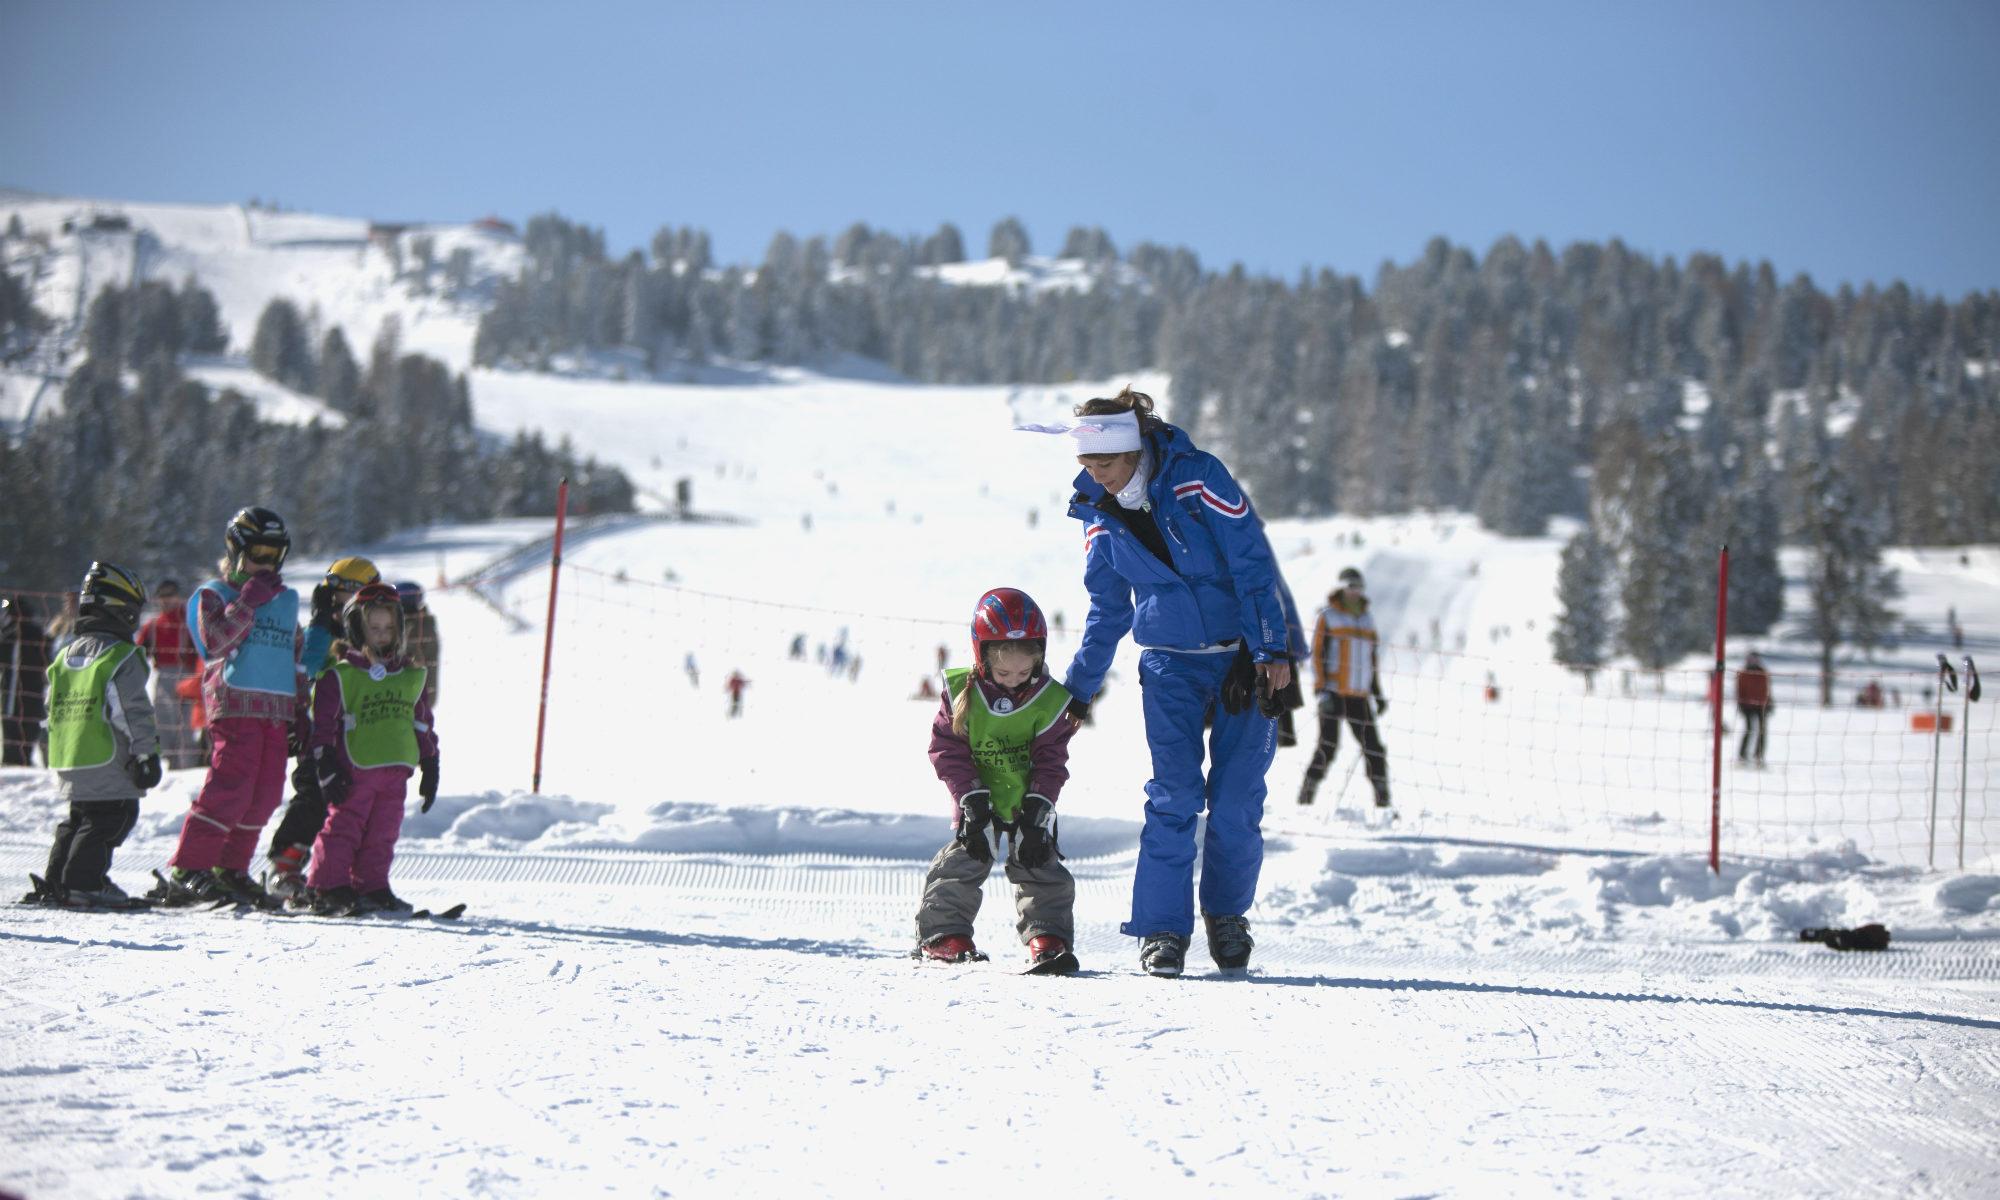 Un jeune enfant avec sa monitrice de ski lors d'un cours de ski collectif.